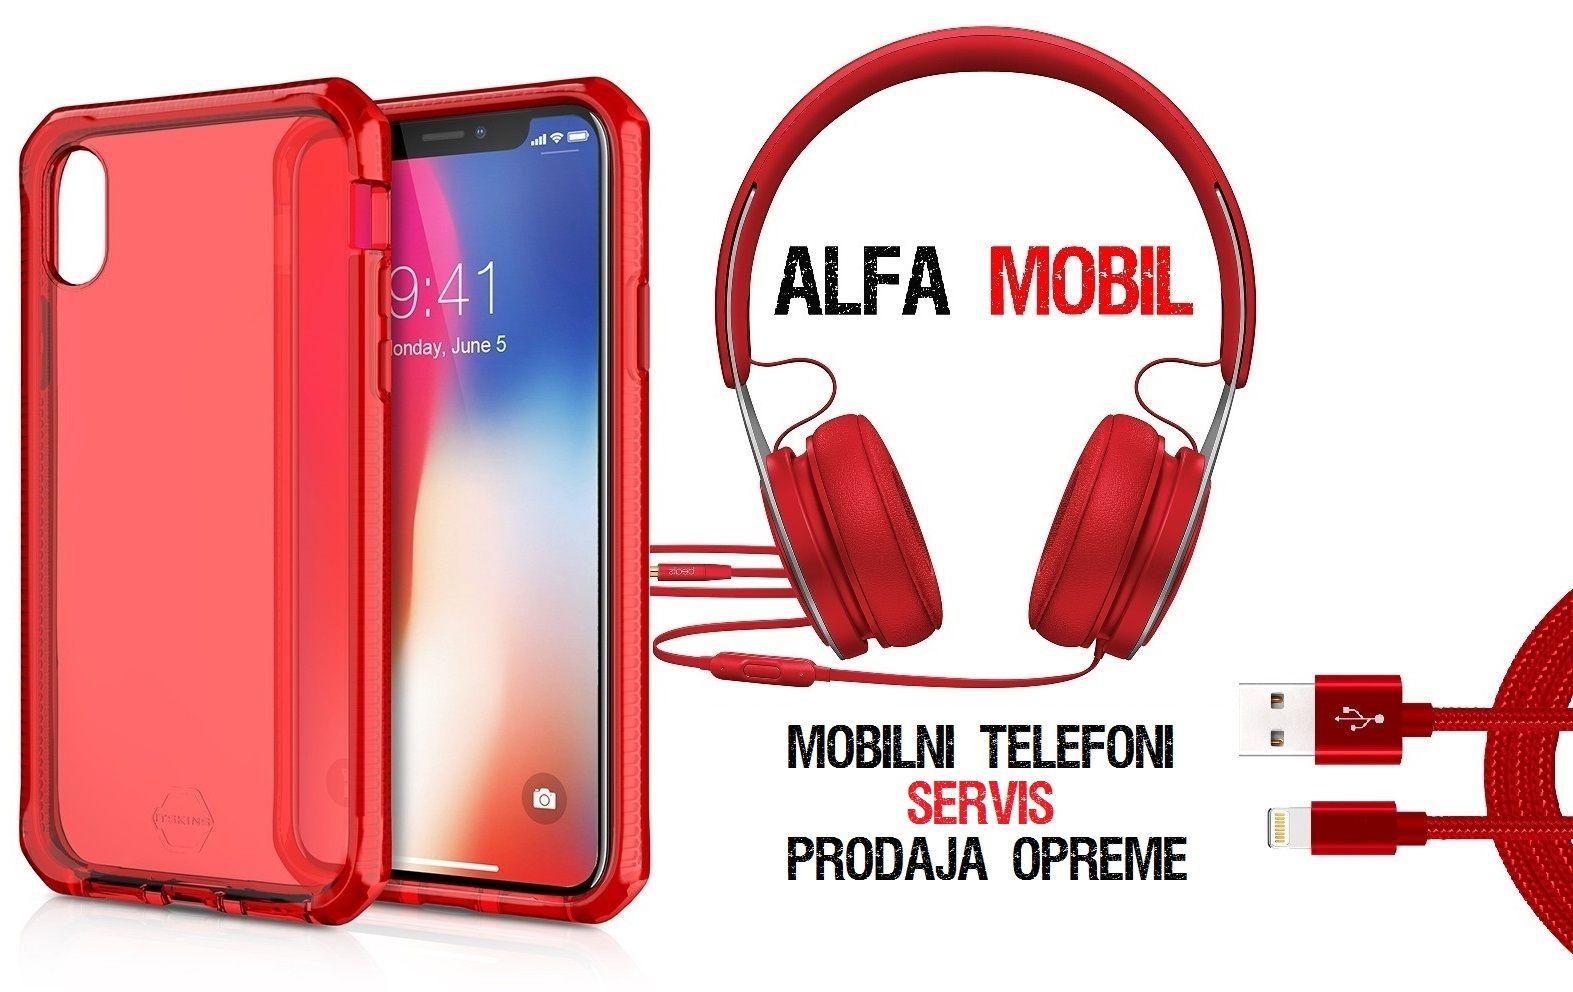 Alfa mobil shop